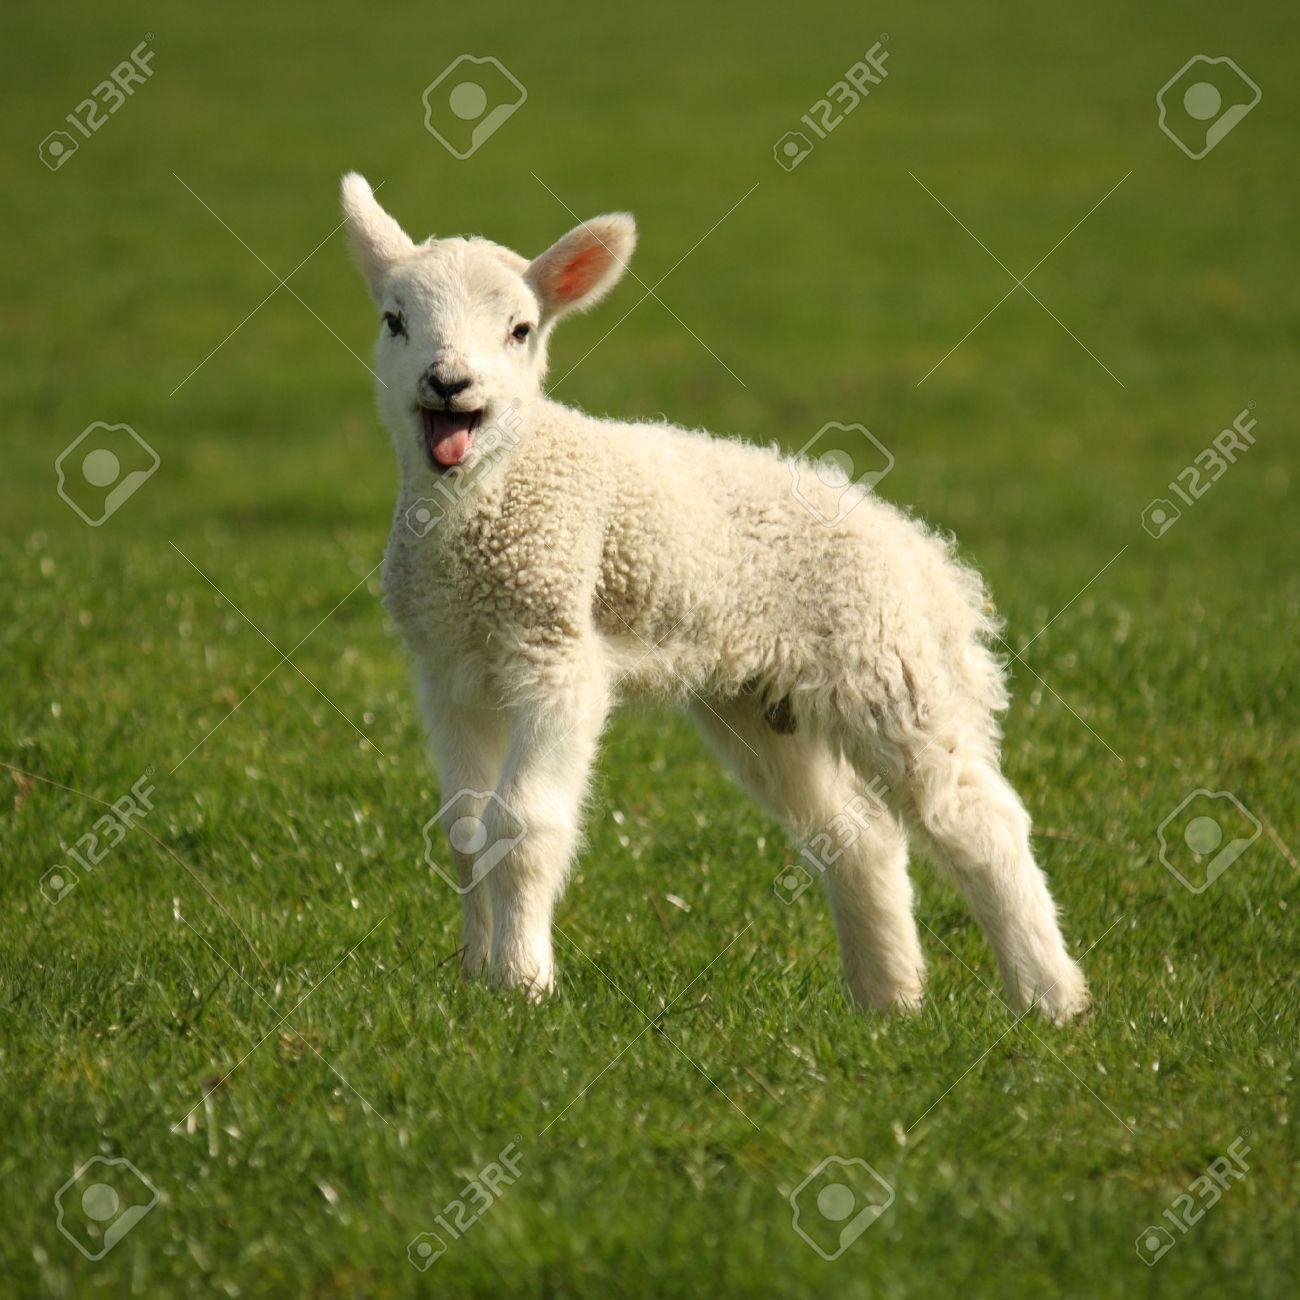 Lamb Cute Leap Leaping Jump Source